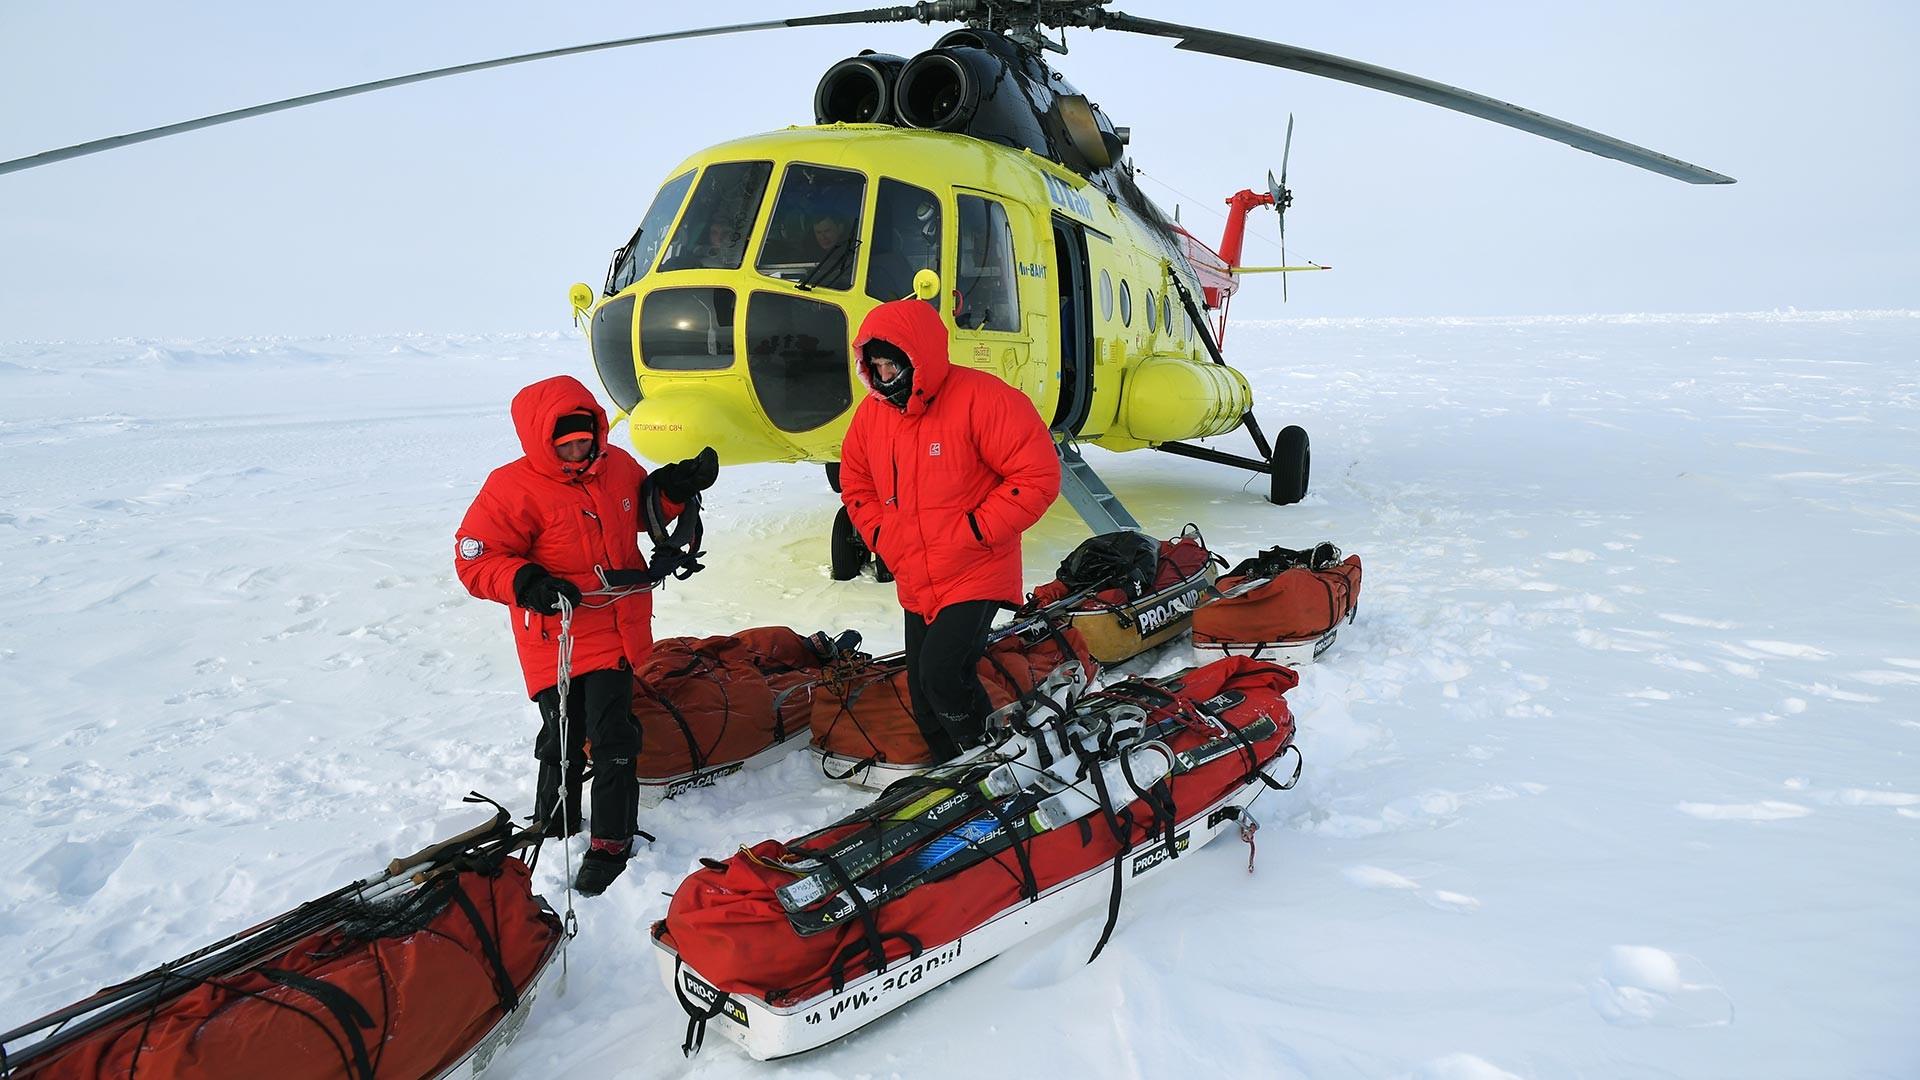 Чланови 10. велике арктичке експедиције под руководством поларног истраживача Матвеја Шпароа на Северном полу.